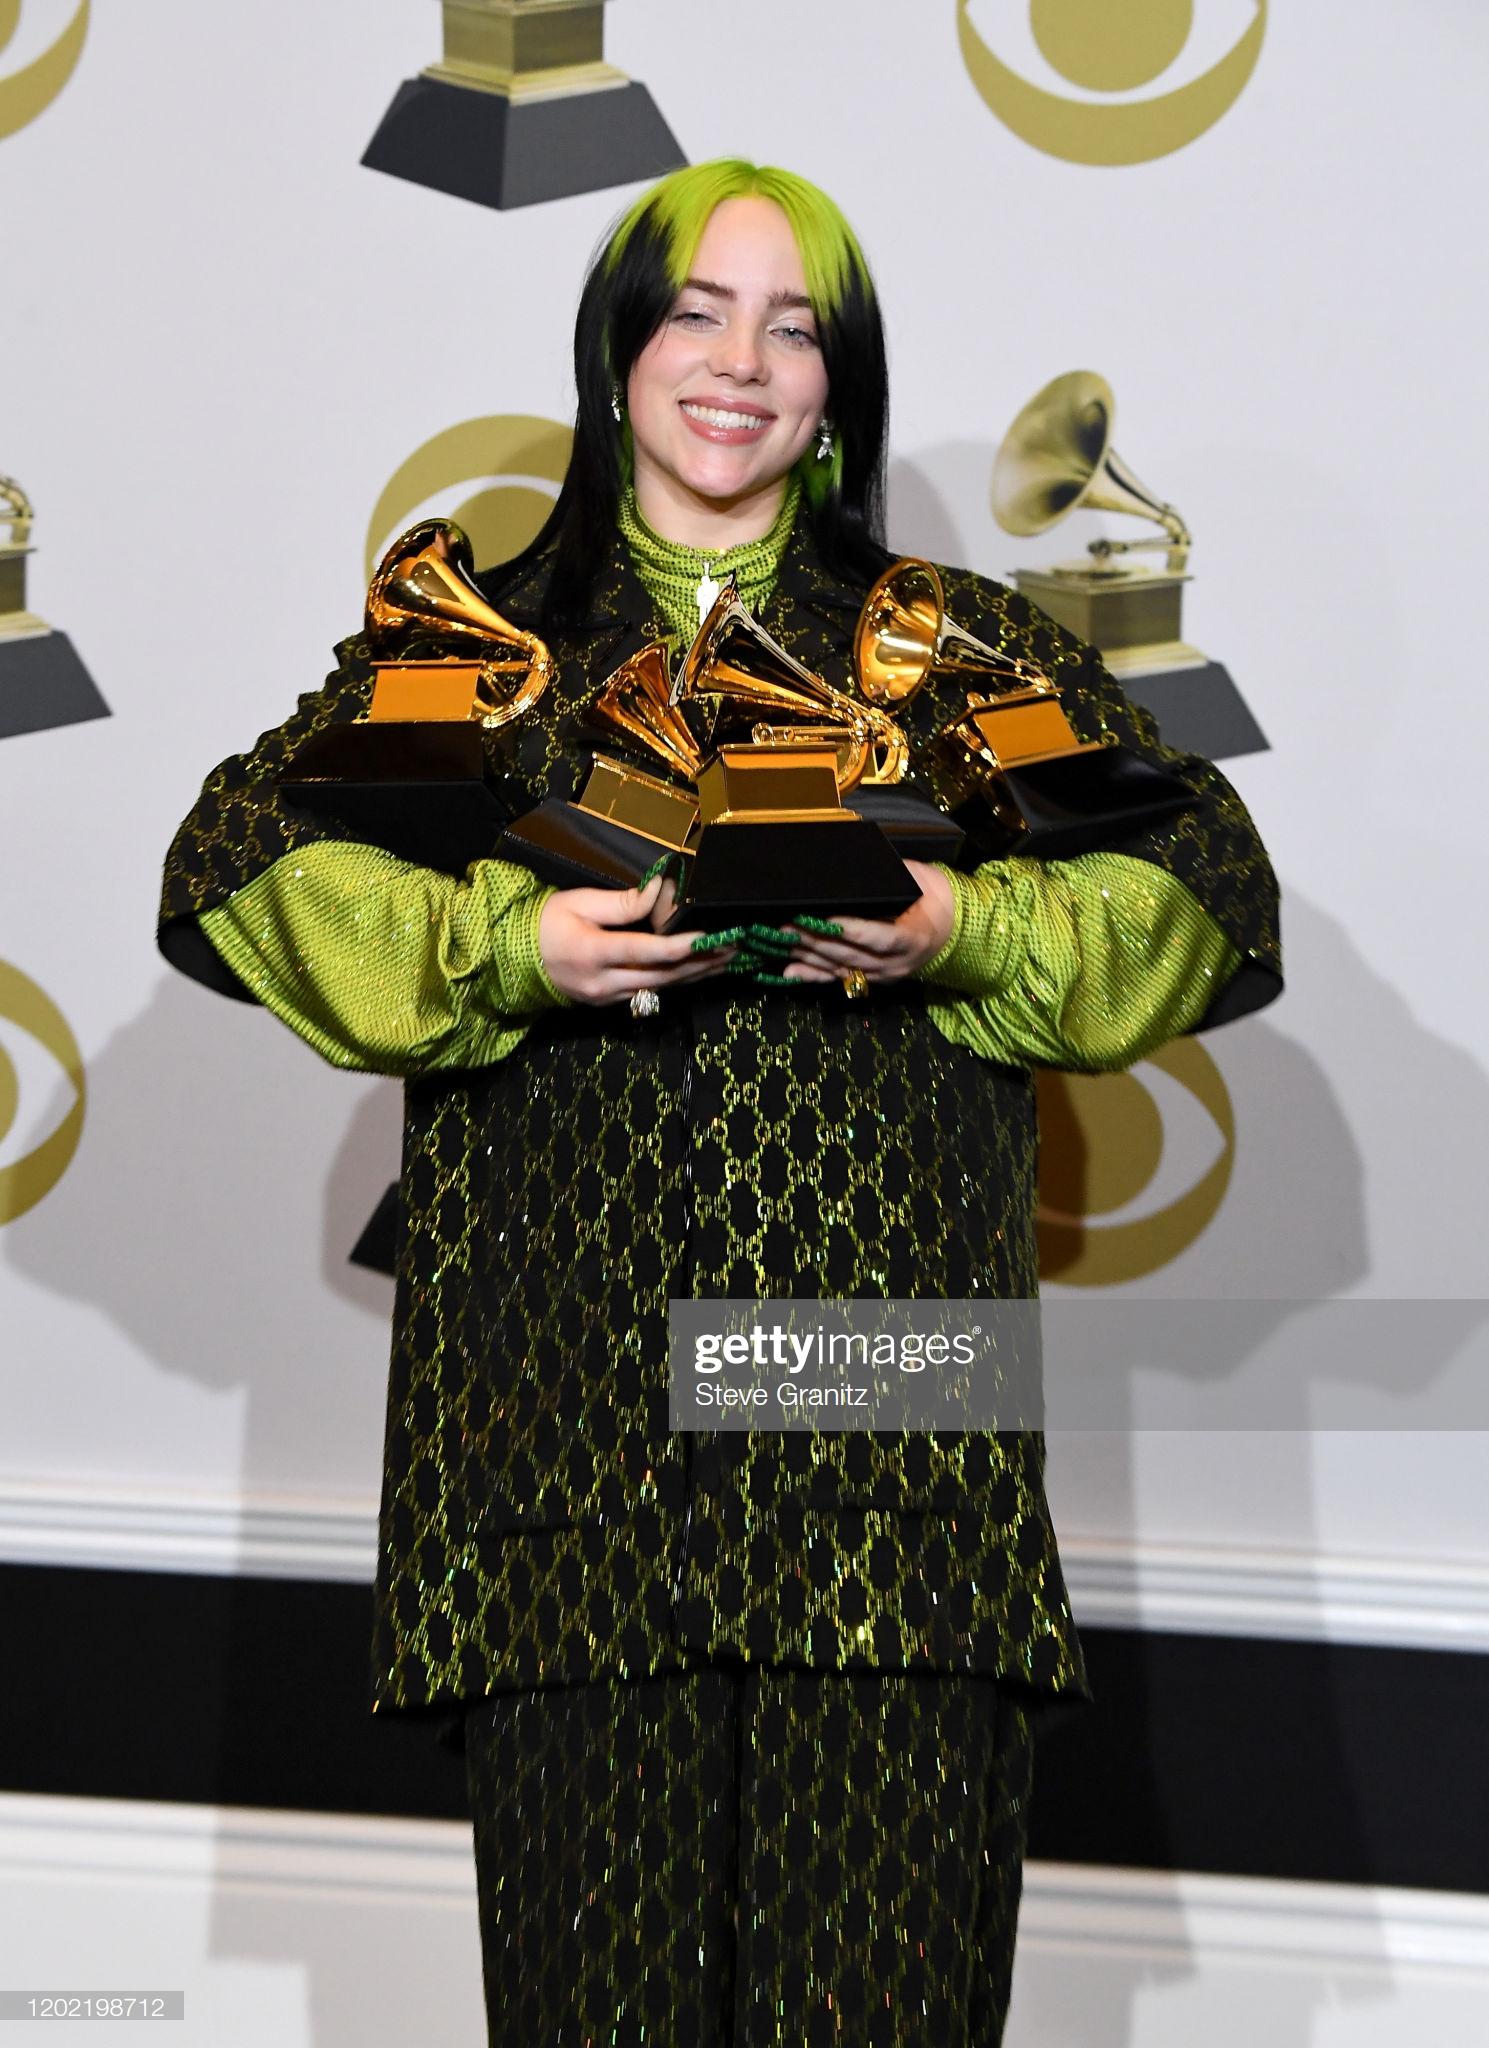 Cùng với giải thưởng ấn tượng, Billie Eilish cũng tự biết cách làm vẻ ngoài ấn tượng hơn mỗi khi xuất hiện trên sân khấu hoặc tại bất cứ thảm đỏ lễ trao thưởng nào khác.